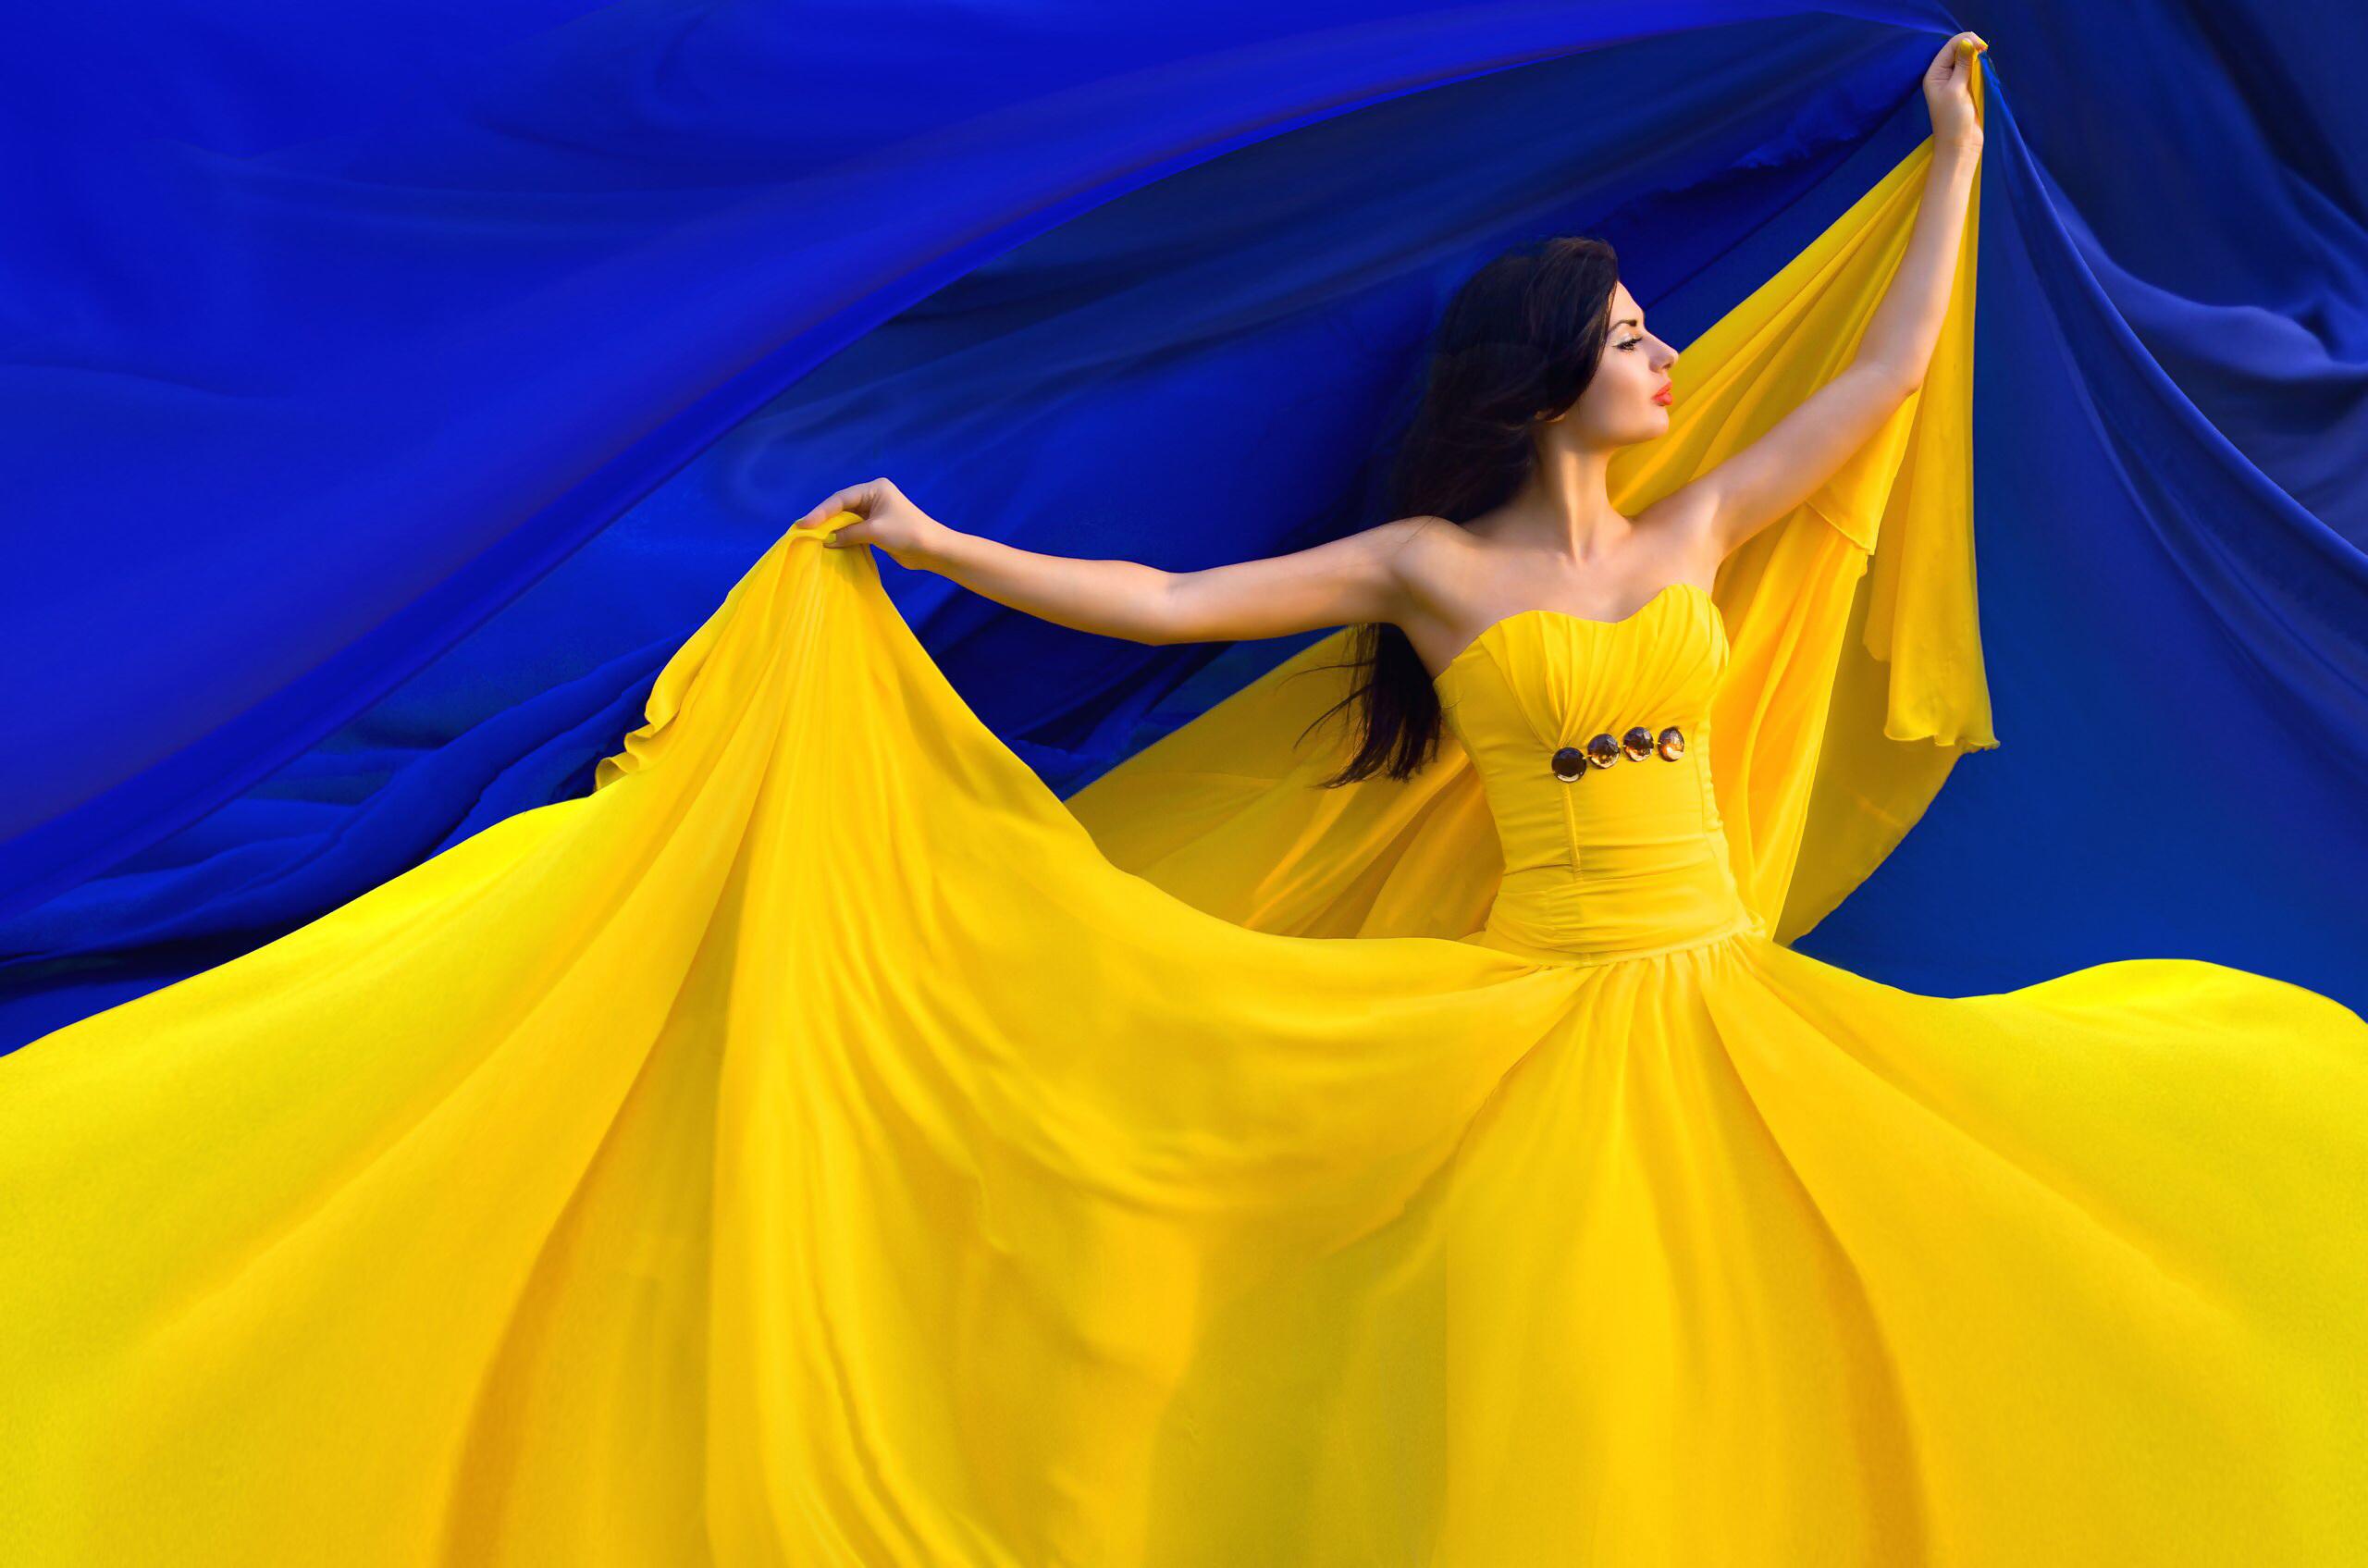 Такие у нас патриоты: «Наш флаг — желто-голубая тряпка». Кто это сказал? Это вас удивит!